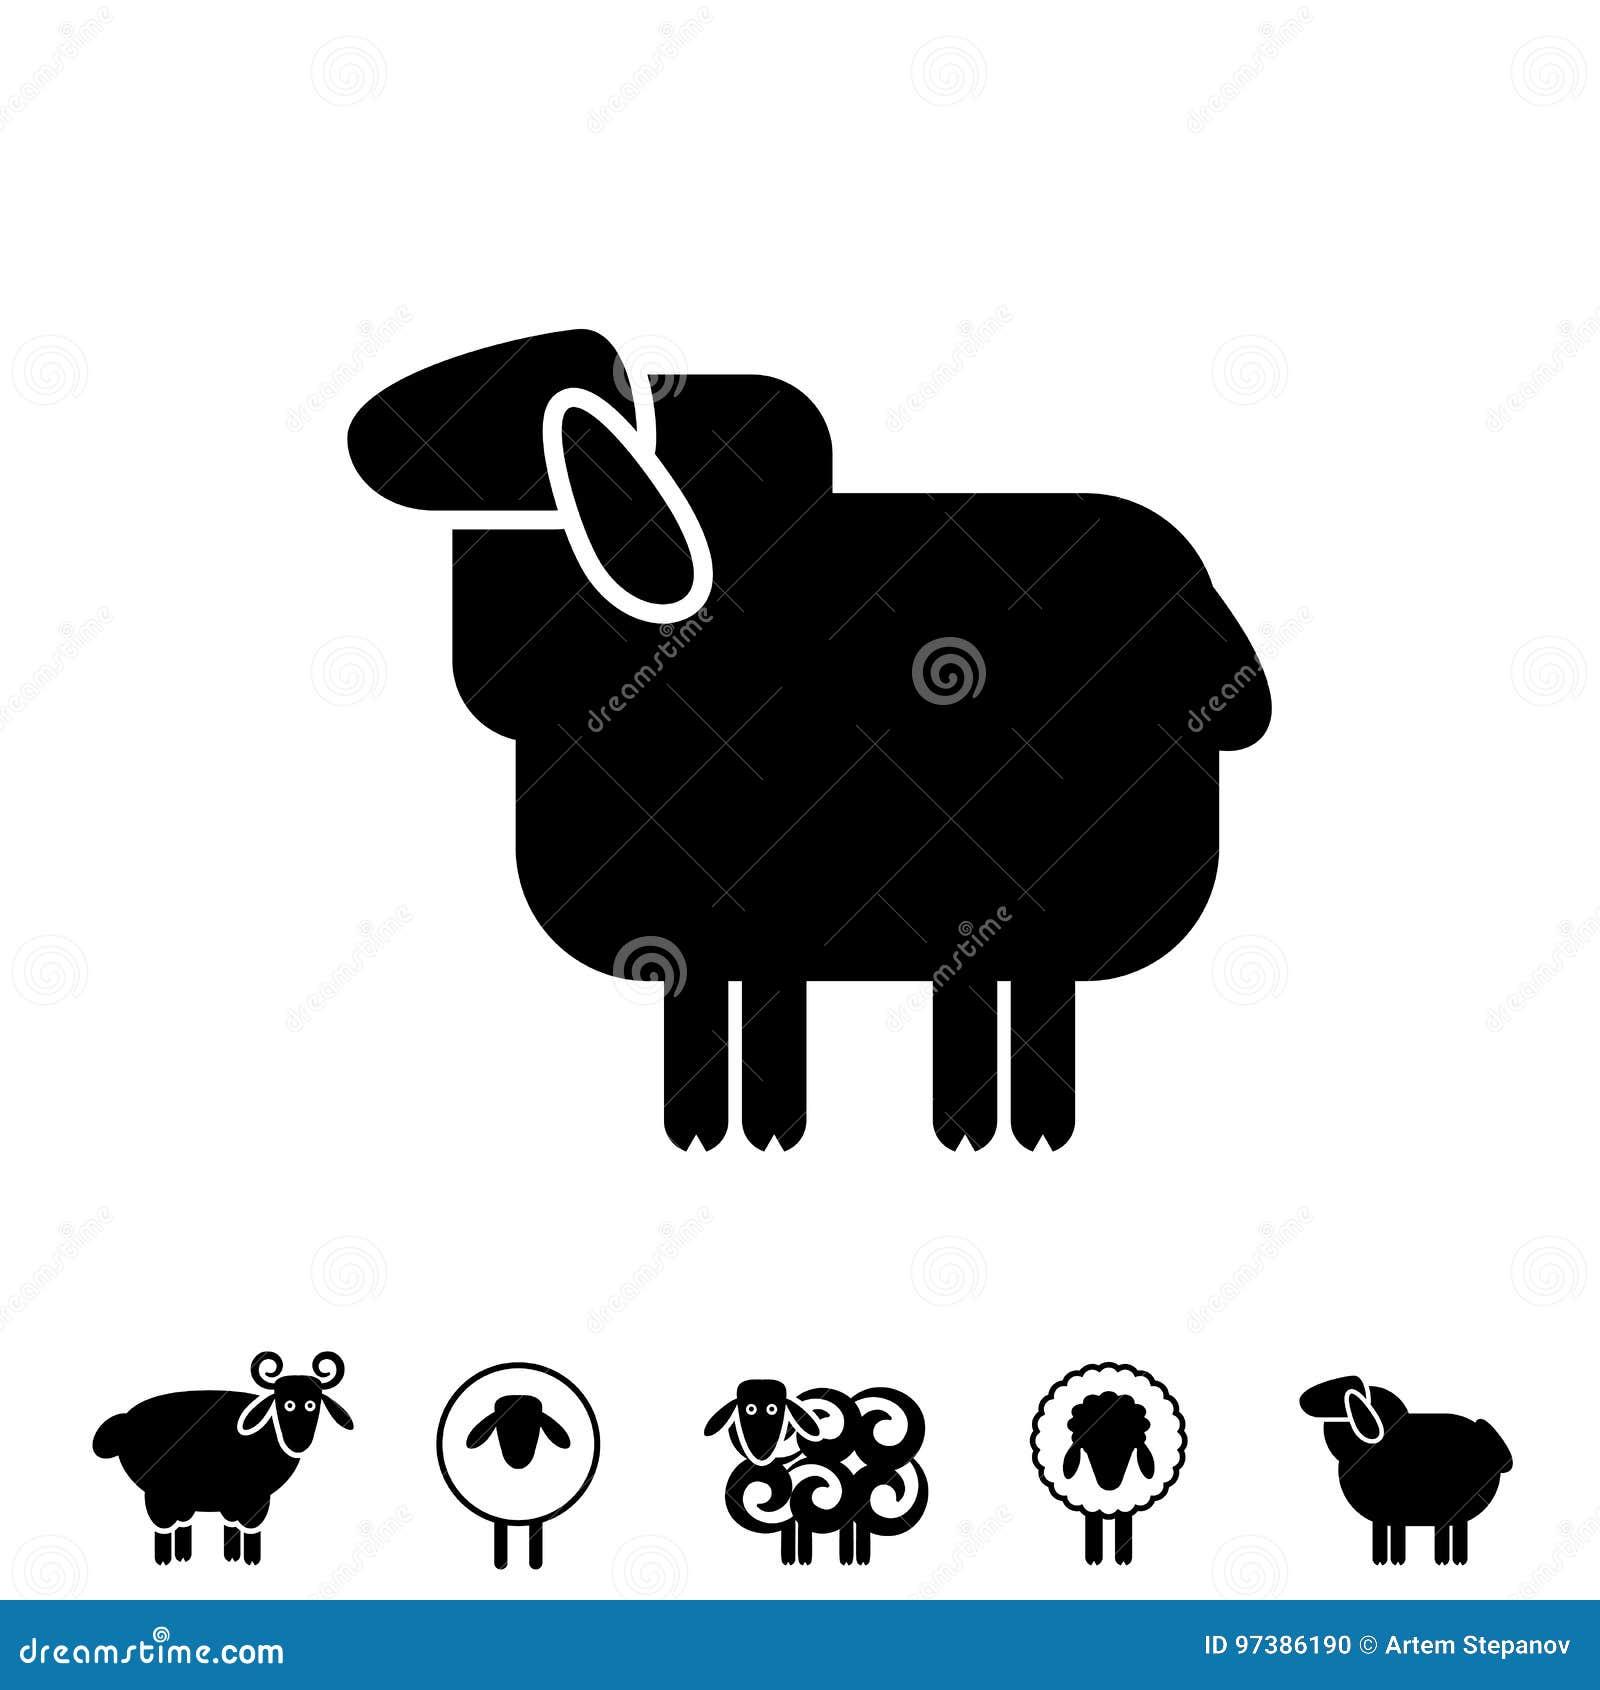 Sheep Or Ram Icon, Logo, Template, Pictogram Stock Vector